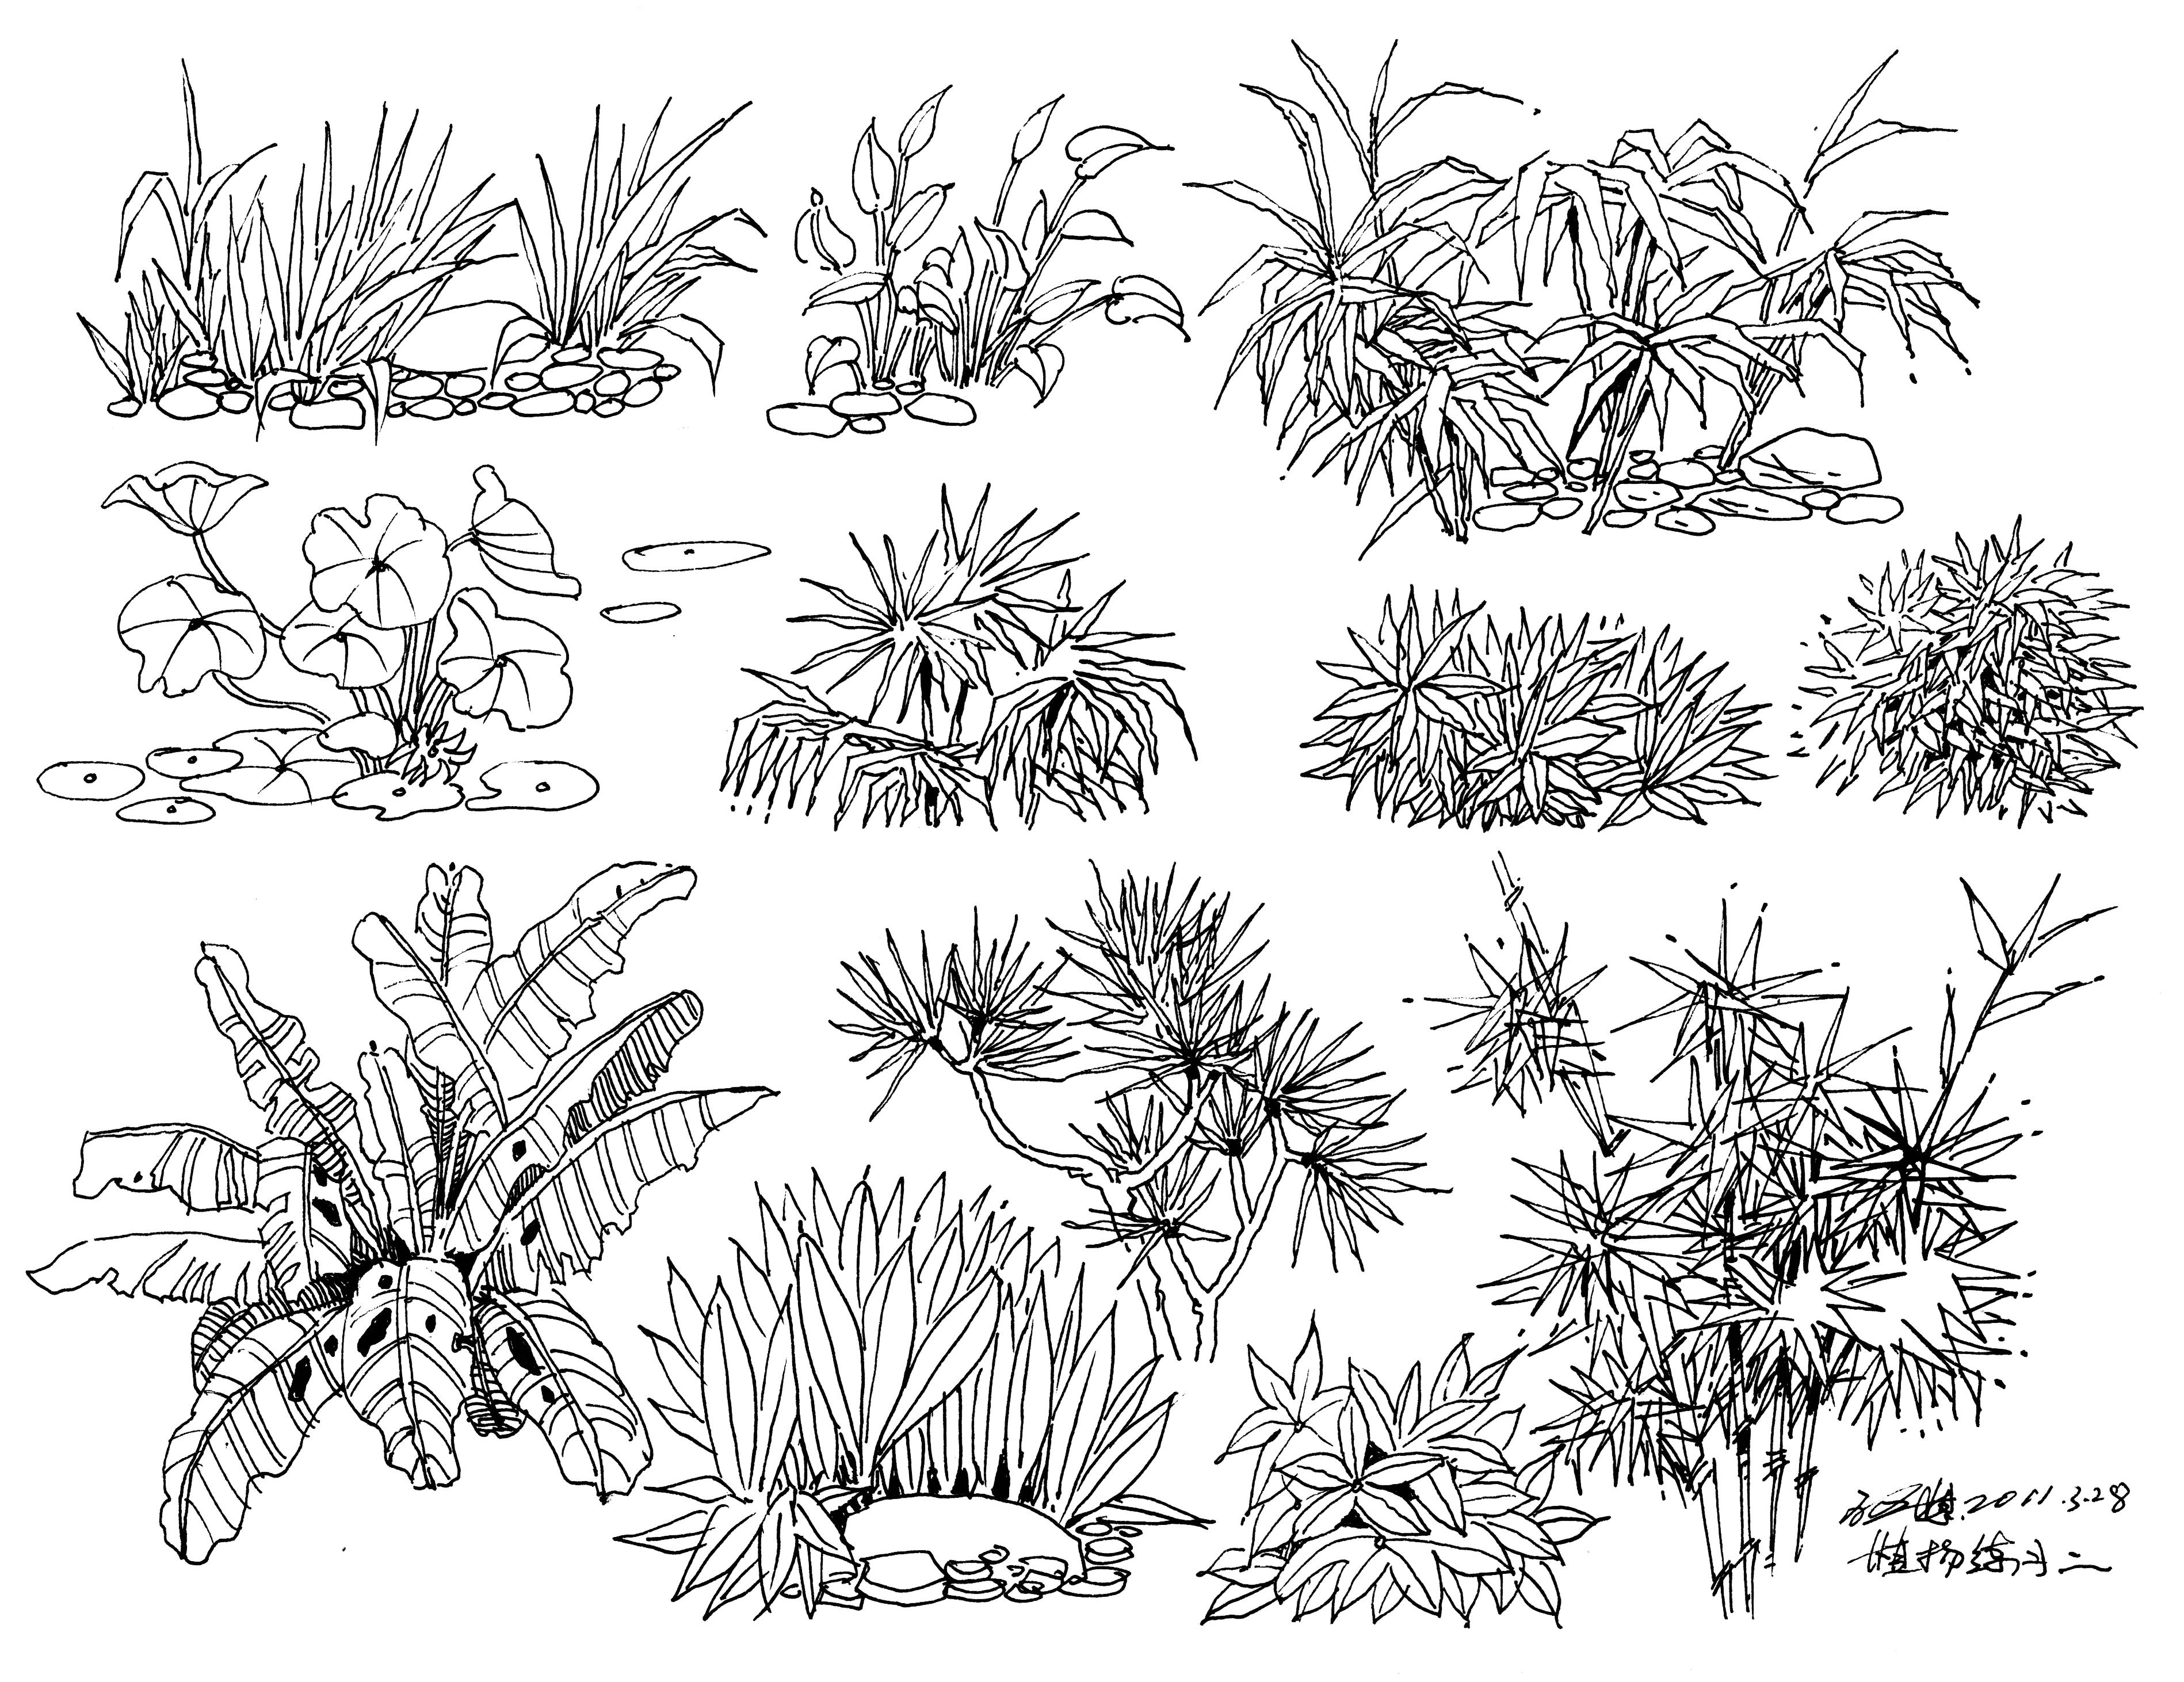 匠人营国|景观手绘植物,水景,石头,人物,交通工具,以及平面造型手绘